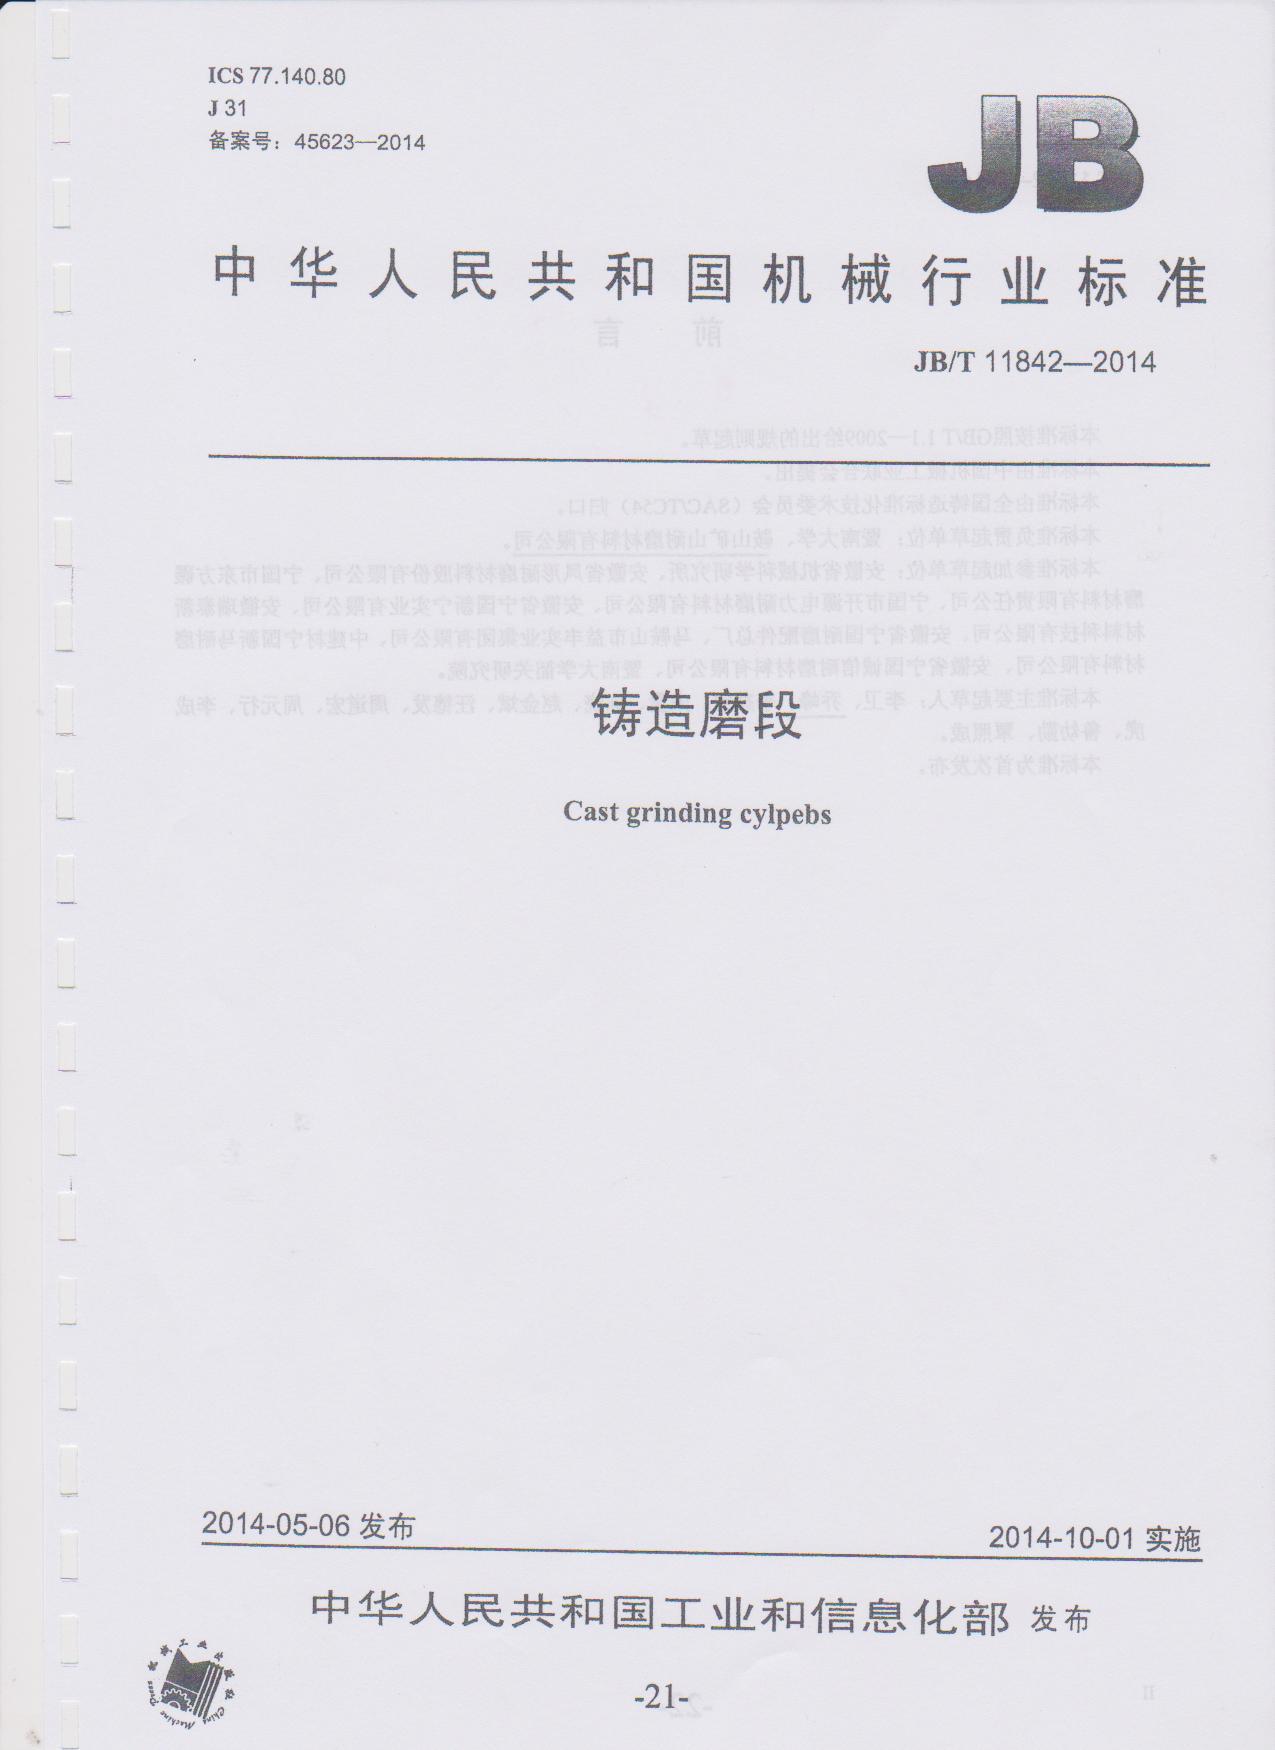 鞍山矿山耐磨材料有限公司